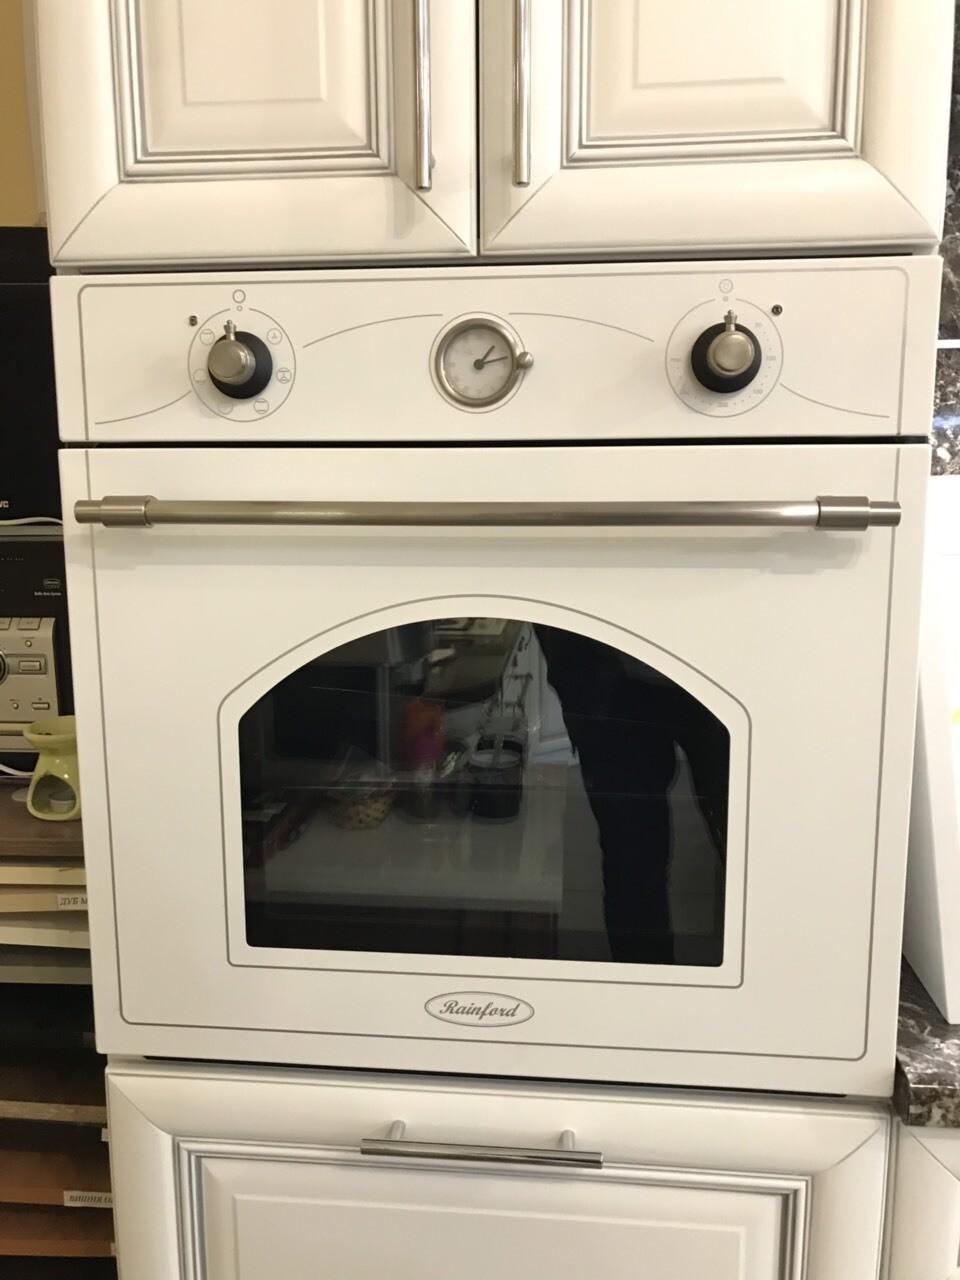 Духовой шкаф Rainford RBO-3616 R White SL